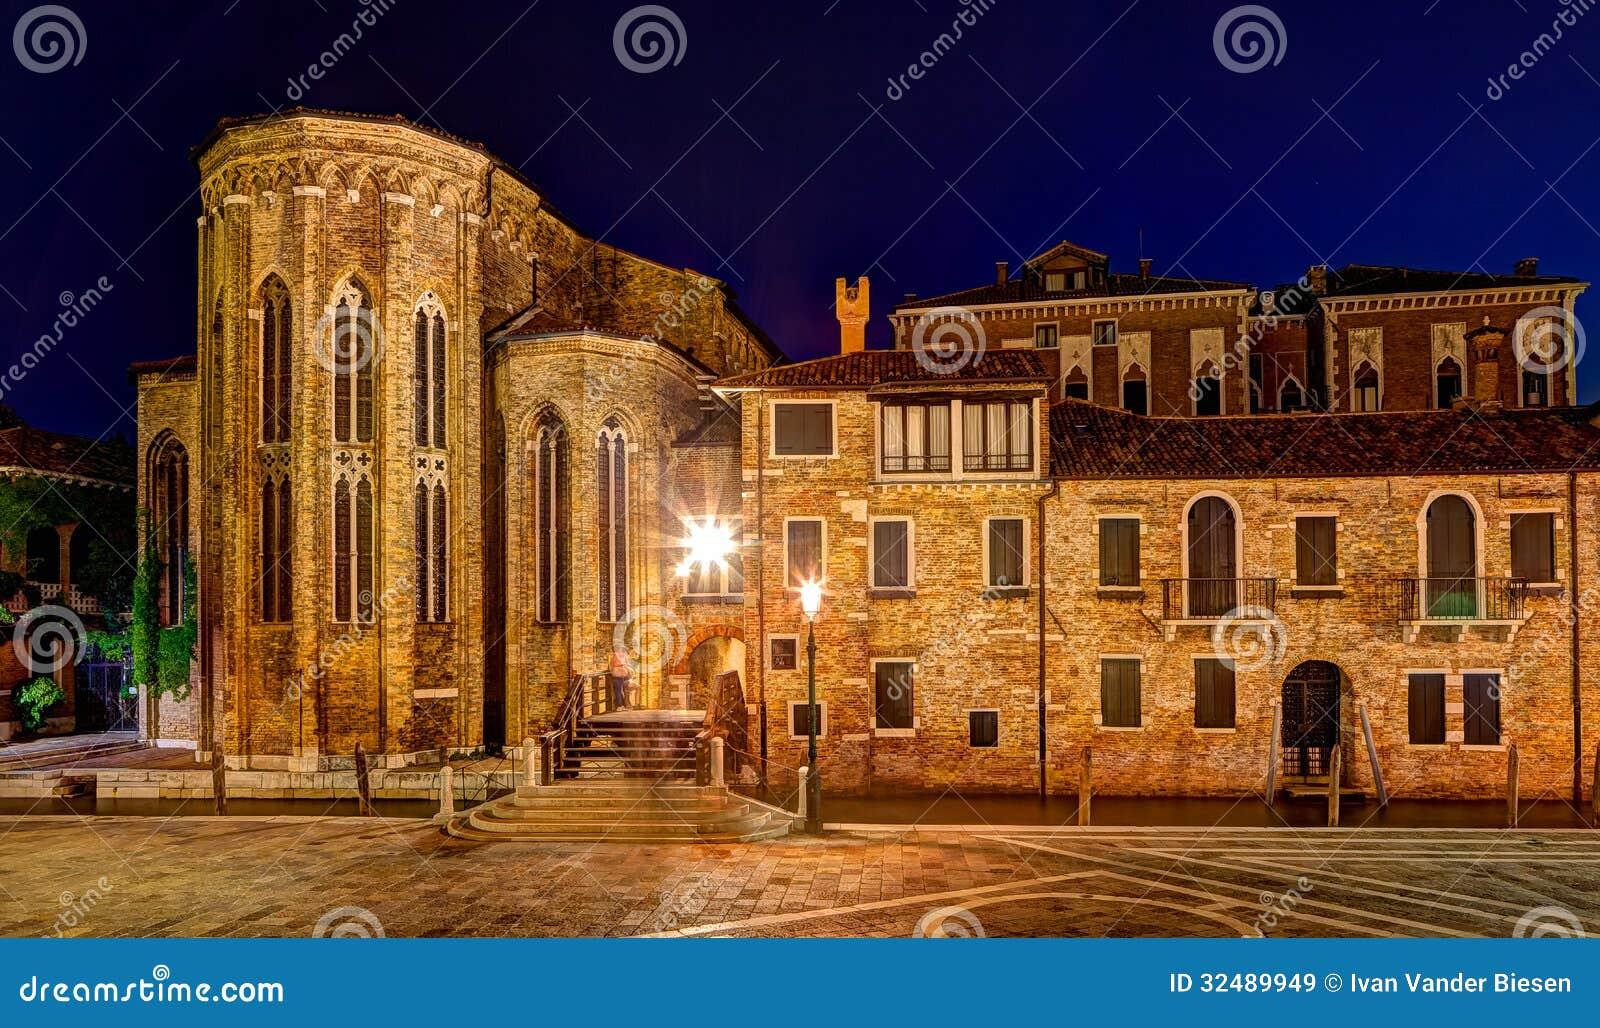 Abadía de San Gregorio en Venecia en la noche